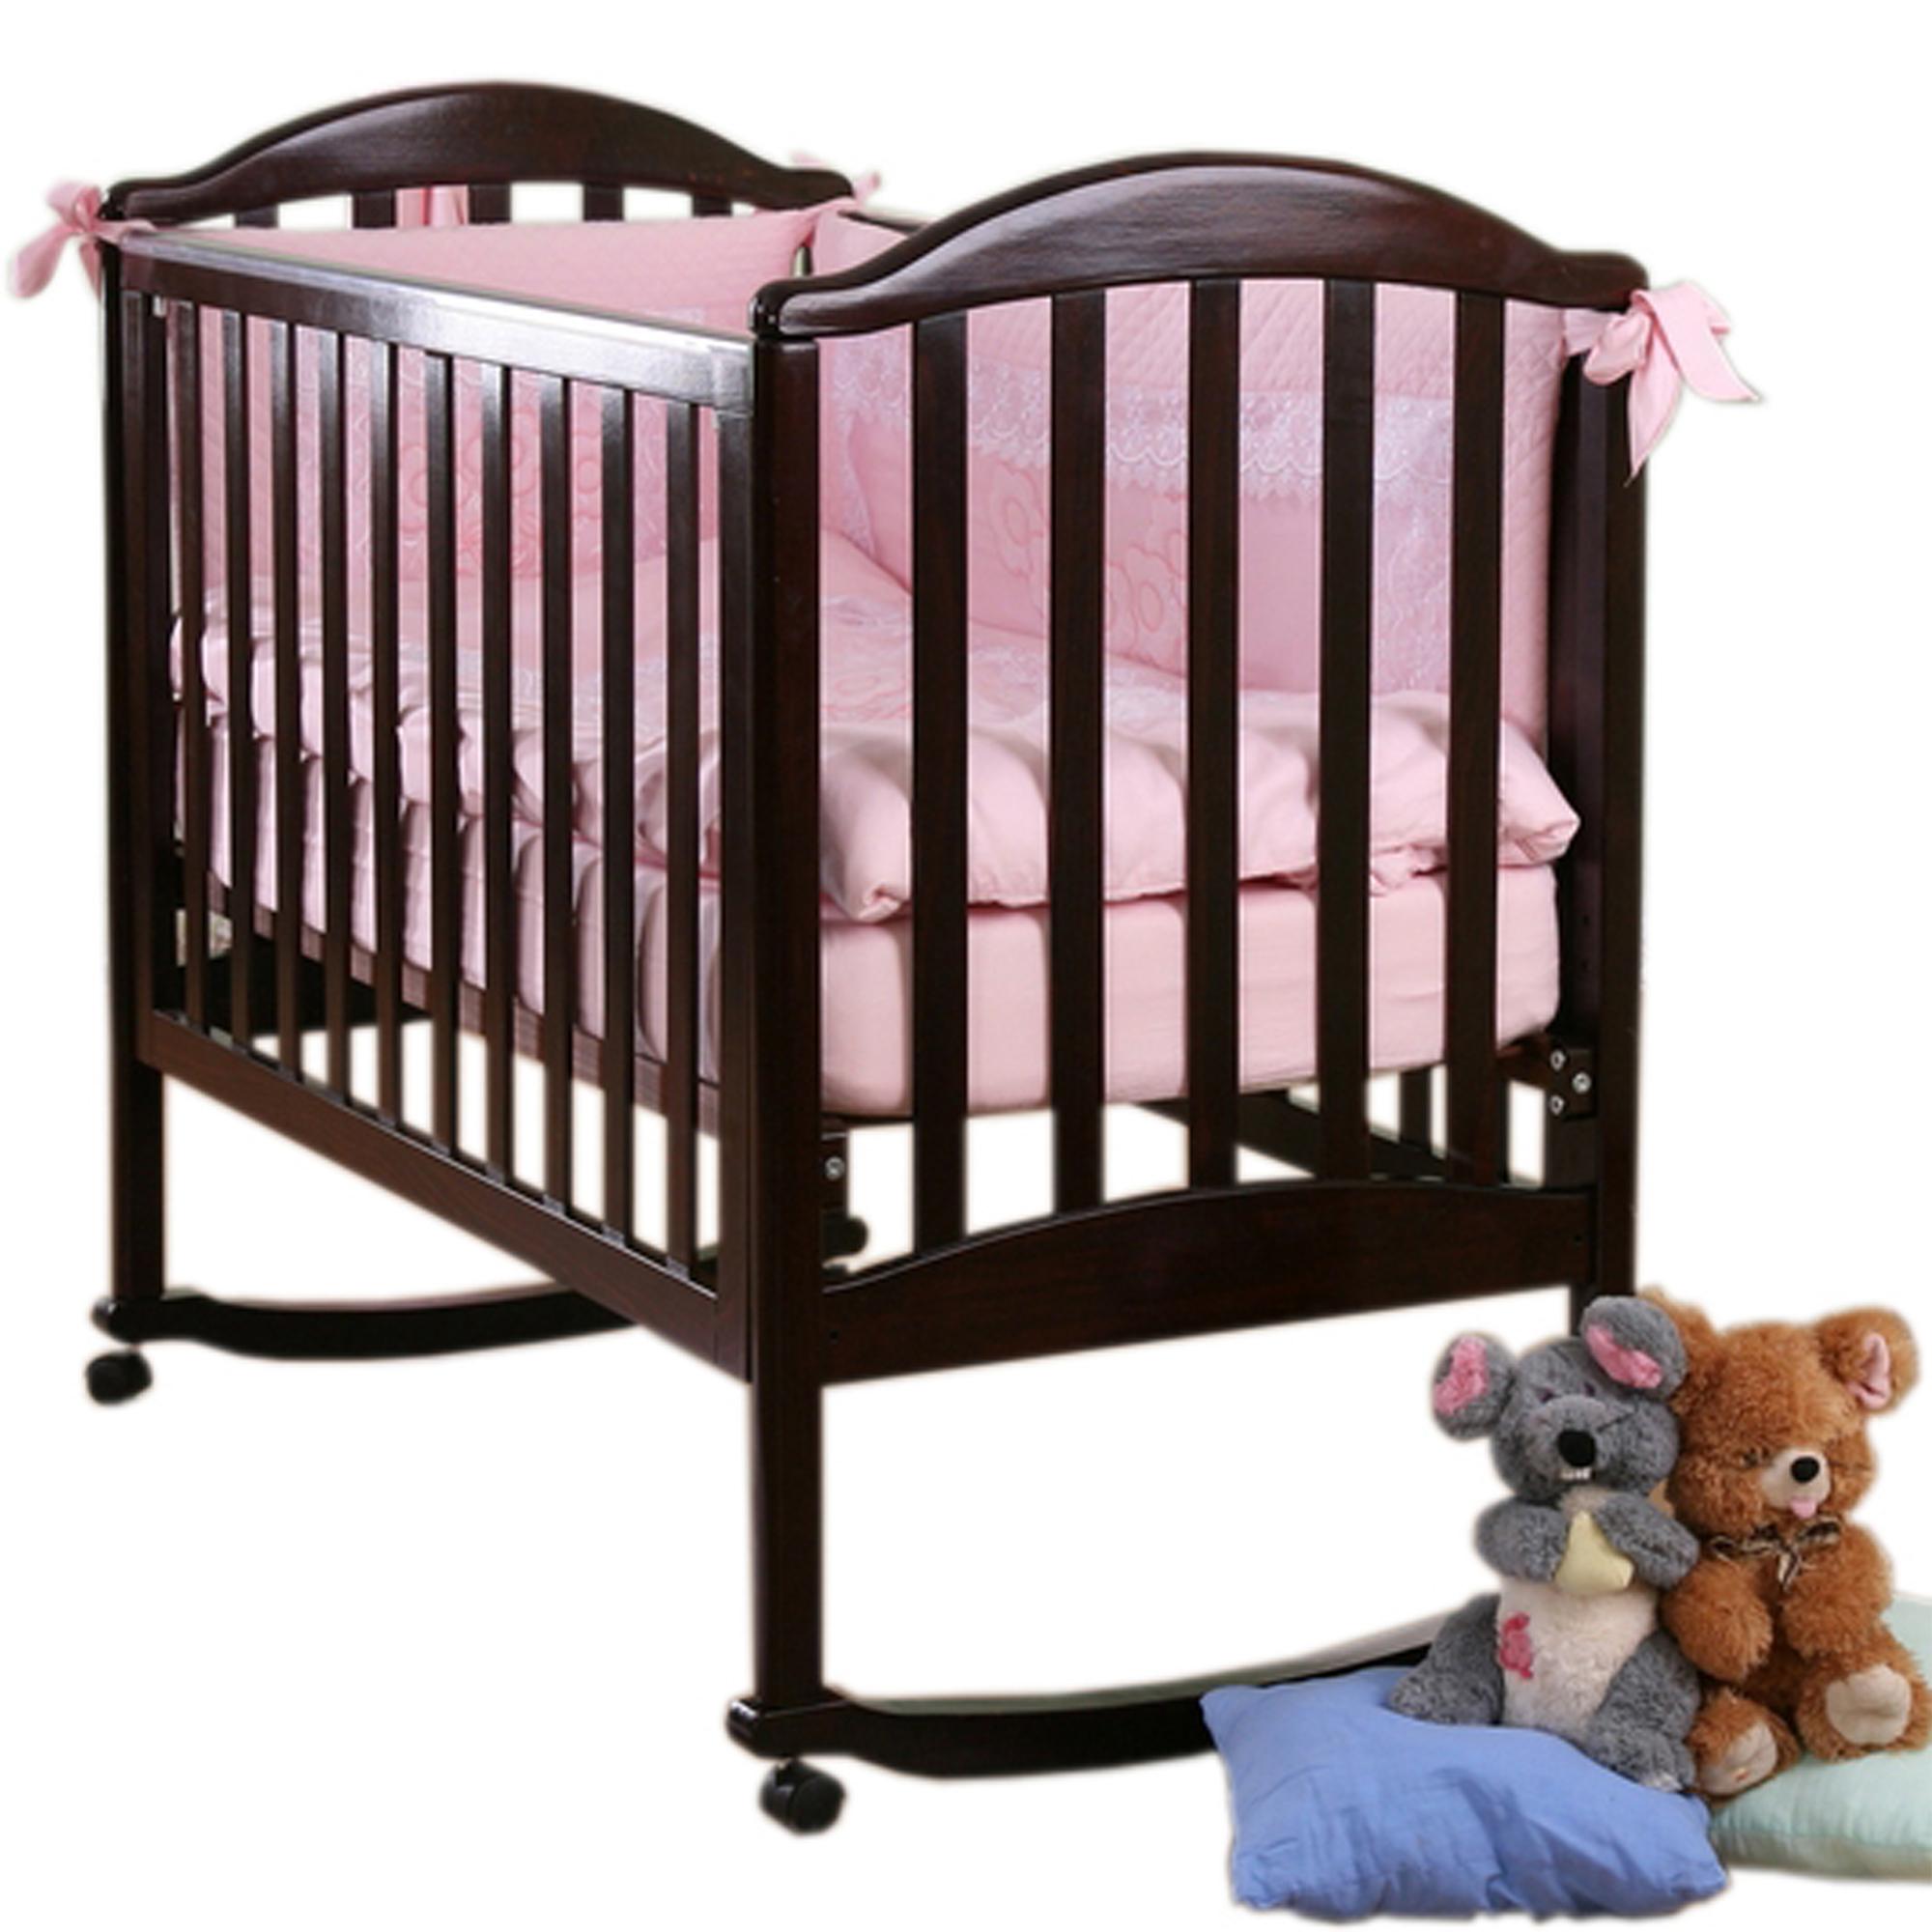 Детская кроватка Kubanlesstroy Лилия Люкс АБ 17.0, венге